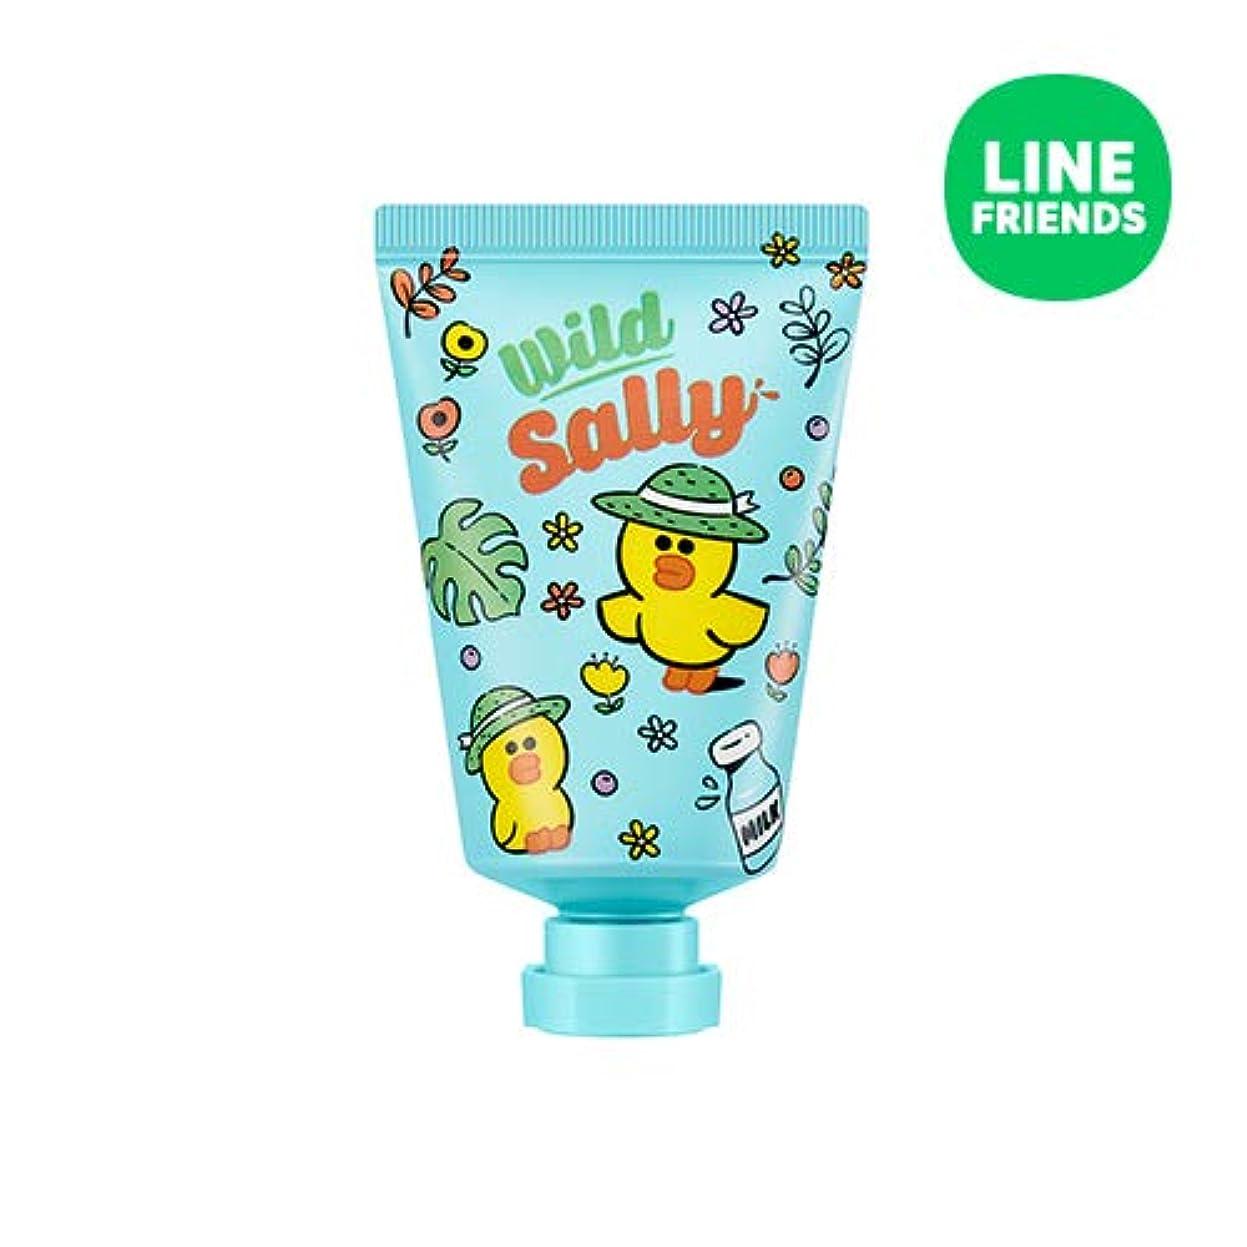 現実的ベリー広げるミシャ(ラインフレンズ)ラブシークレットハンドクリーム 30ml MISSHA [Line Friends Edition] Love Secret Hand Cream - Sally # Cotton White [...